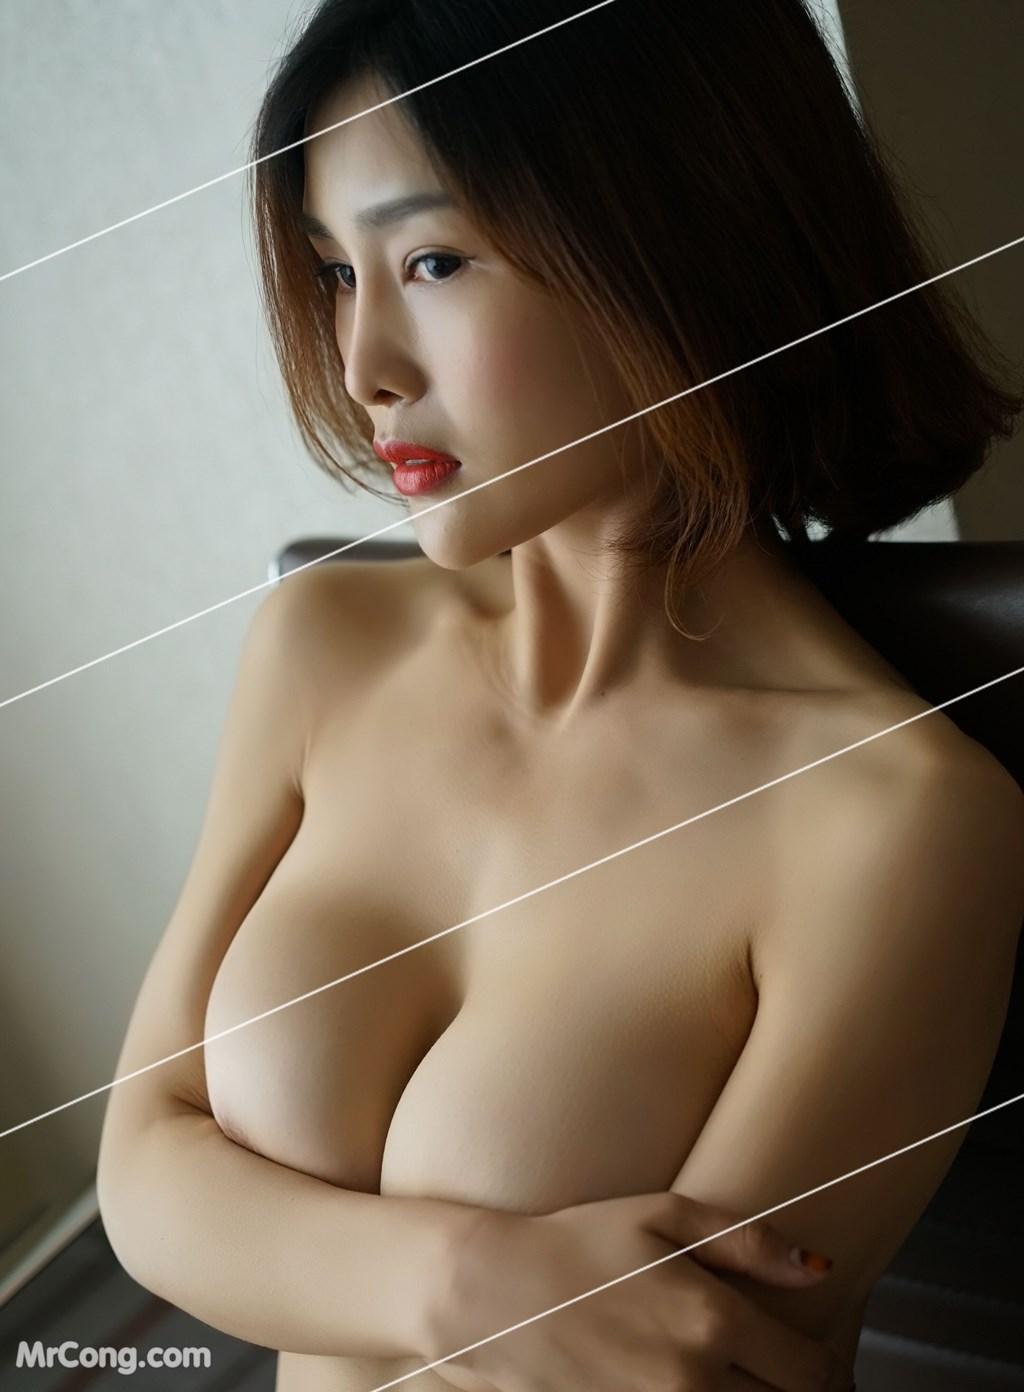 Image Yan-Pan-Pan-Part-3-MrCong.com-038 in post Ngắm vòng một siêu gợi cảm với nội y của người đẹp Yan Pan Pan (闫盼盼) (51 ảnh)